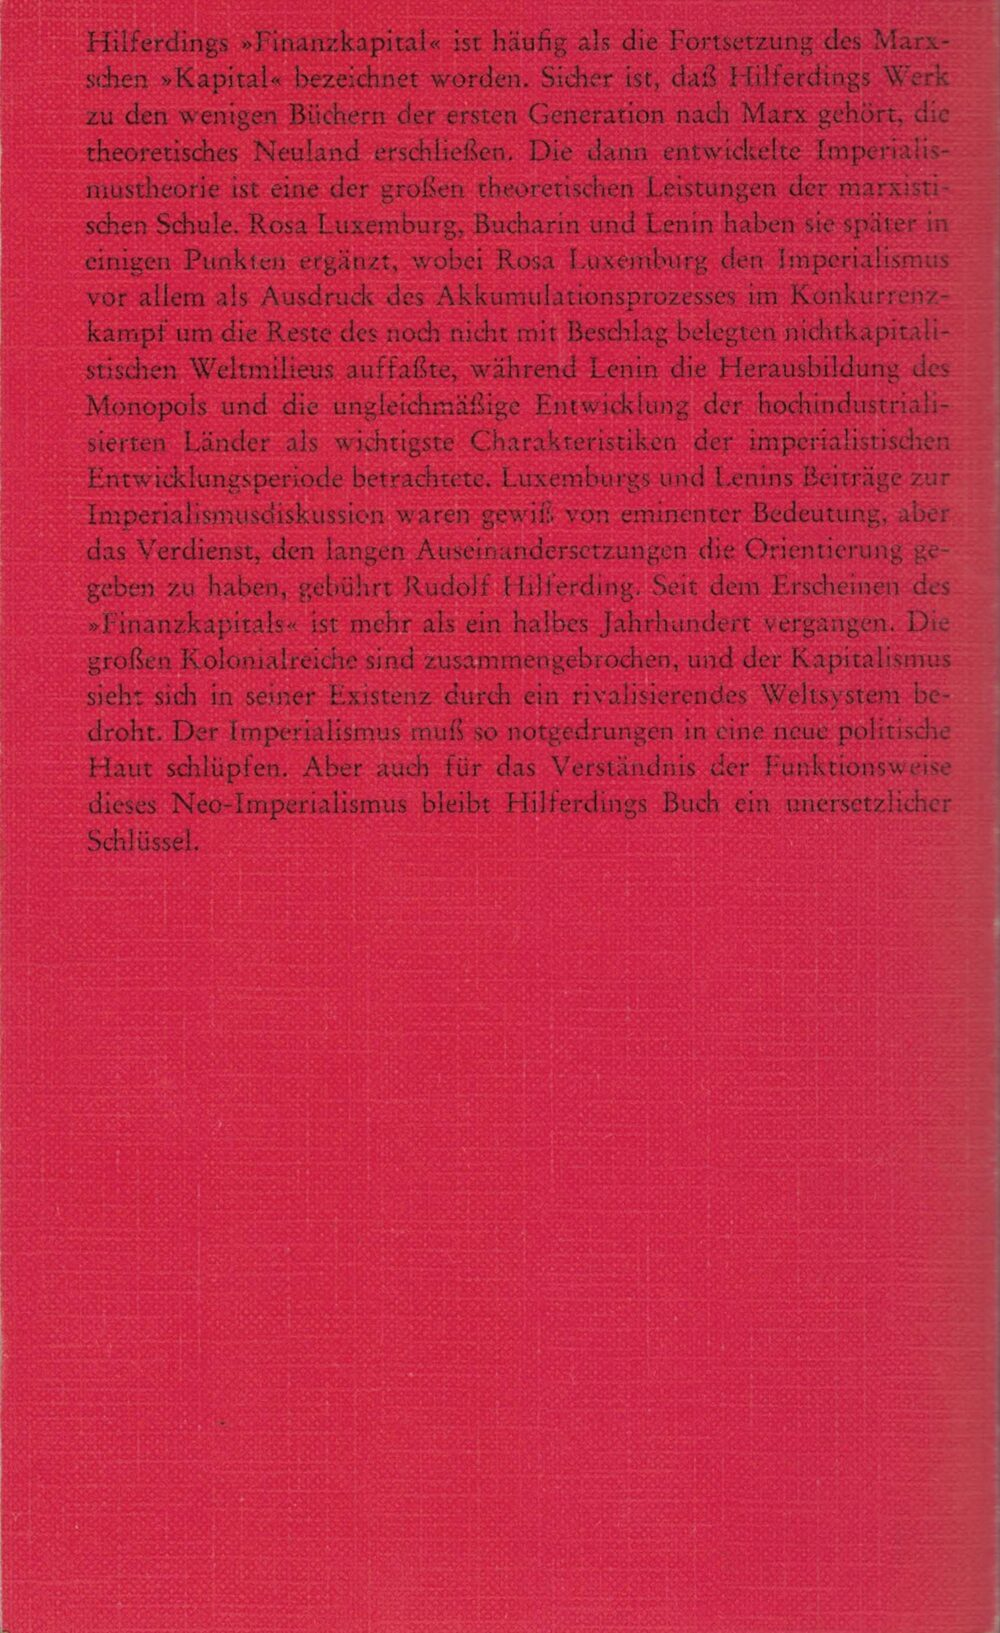 Rudolf Hilferding - Das Finanzkapital - Eine Studie über die jüngste Entwicklung des Kapitalismus